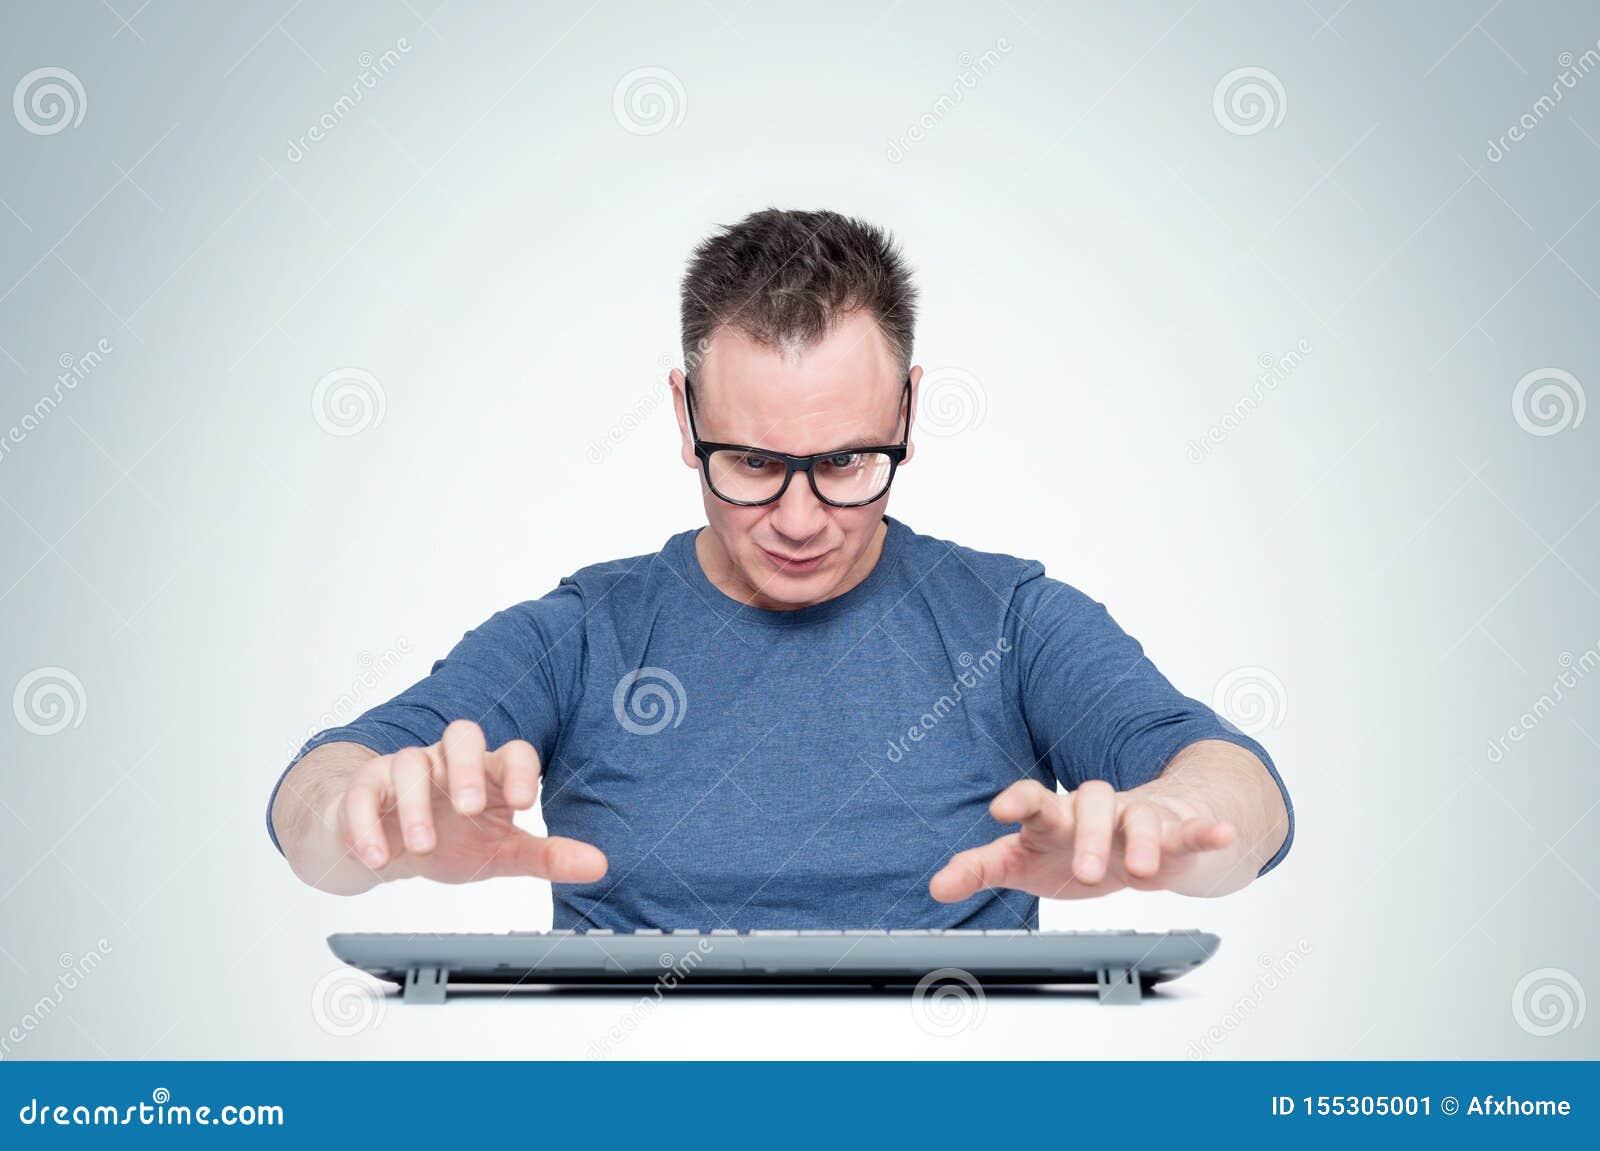 Mann, beim Glasarbeiten am Computer, seine Hände schweben über der Tastatur beim Schreiben, auf hellem Hintergrund Front View